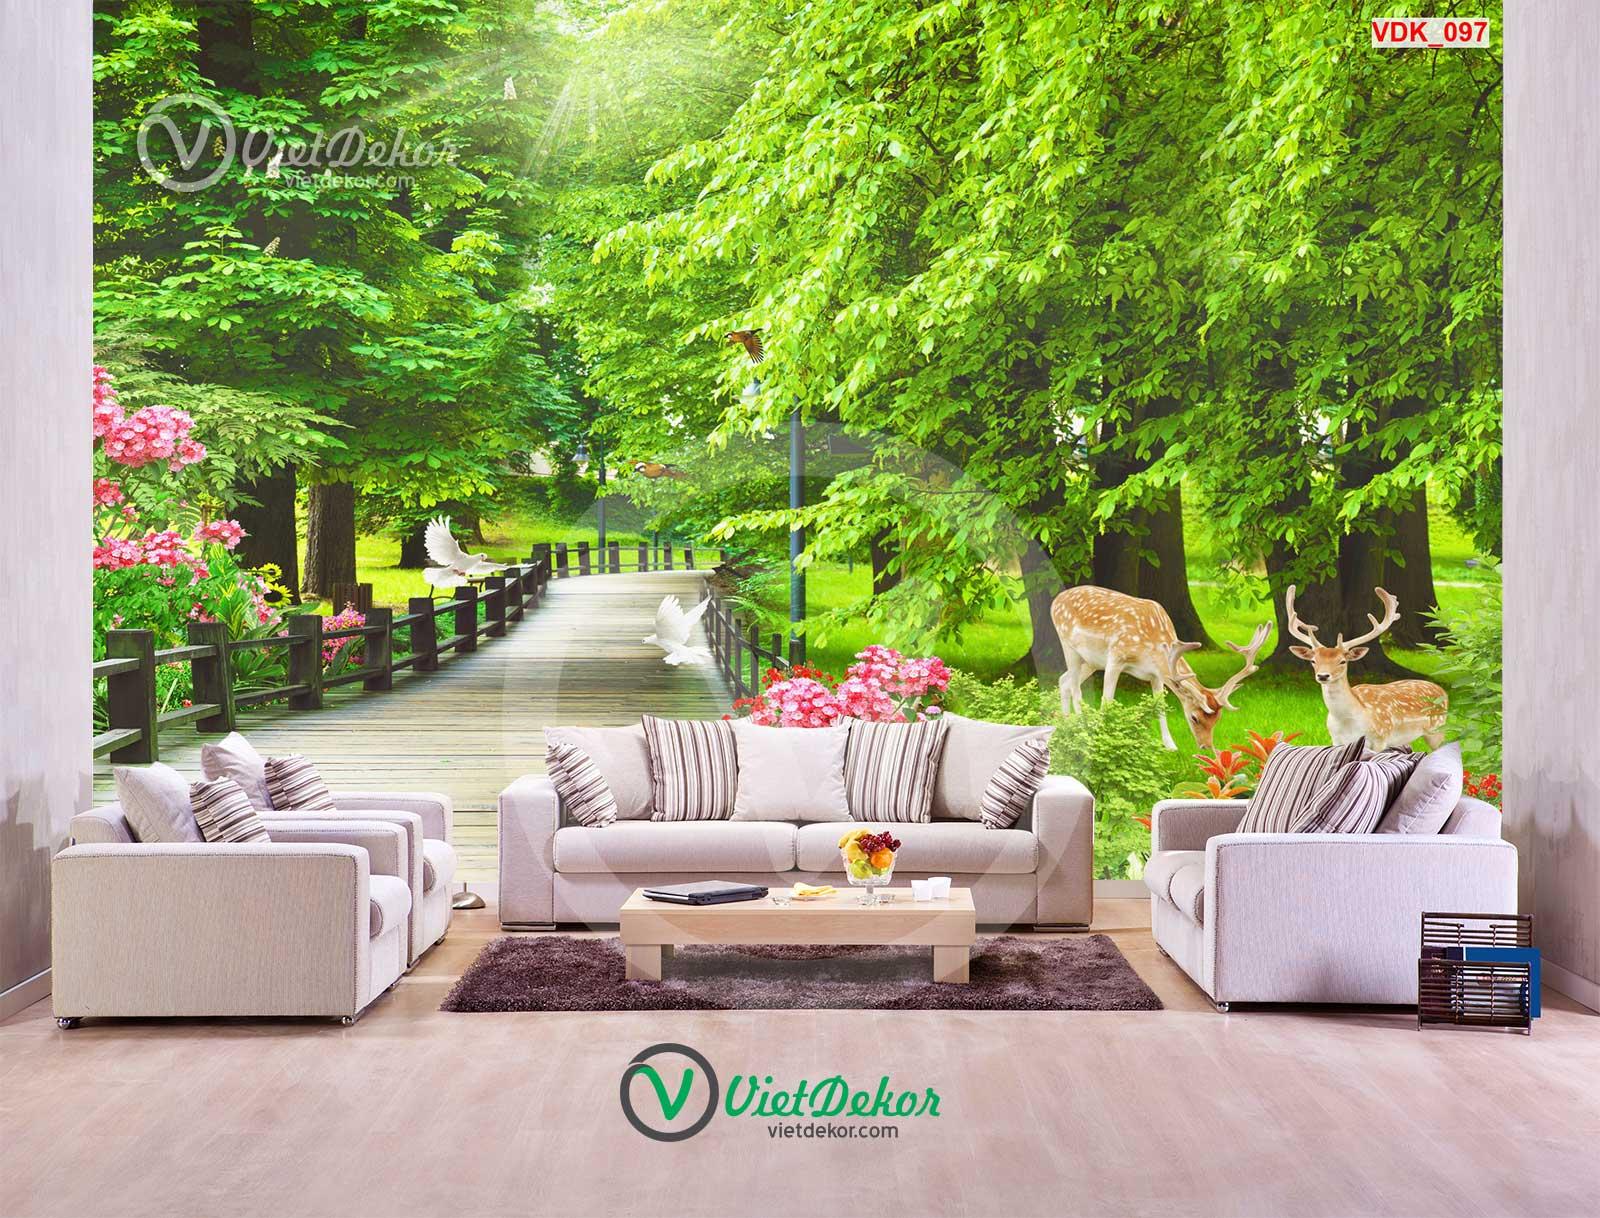 Tranh dán tưởng 3d phong cảnh thiên nhiên